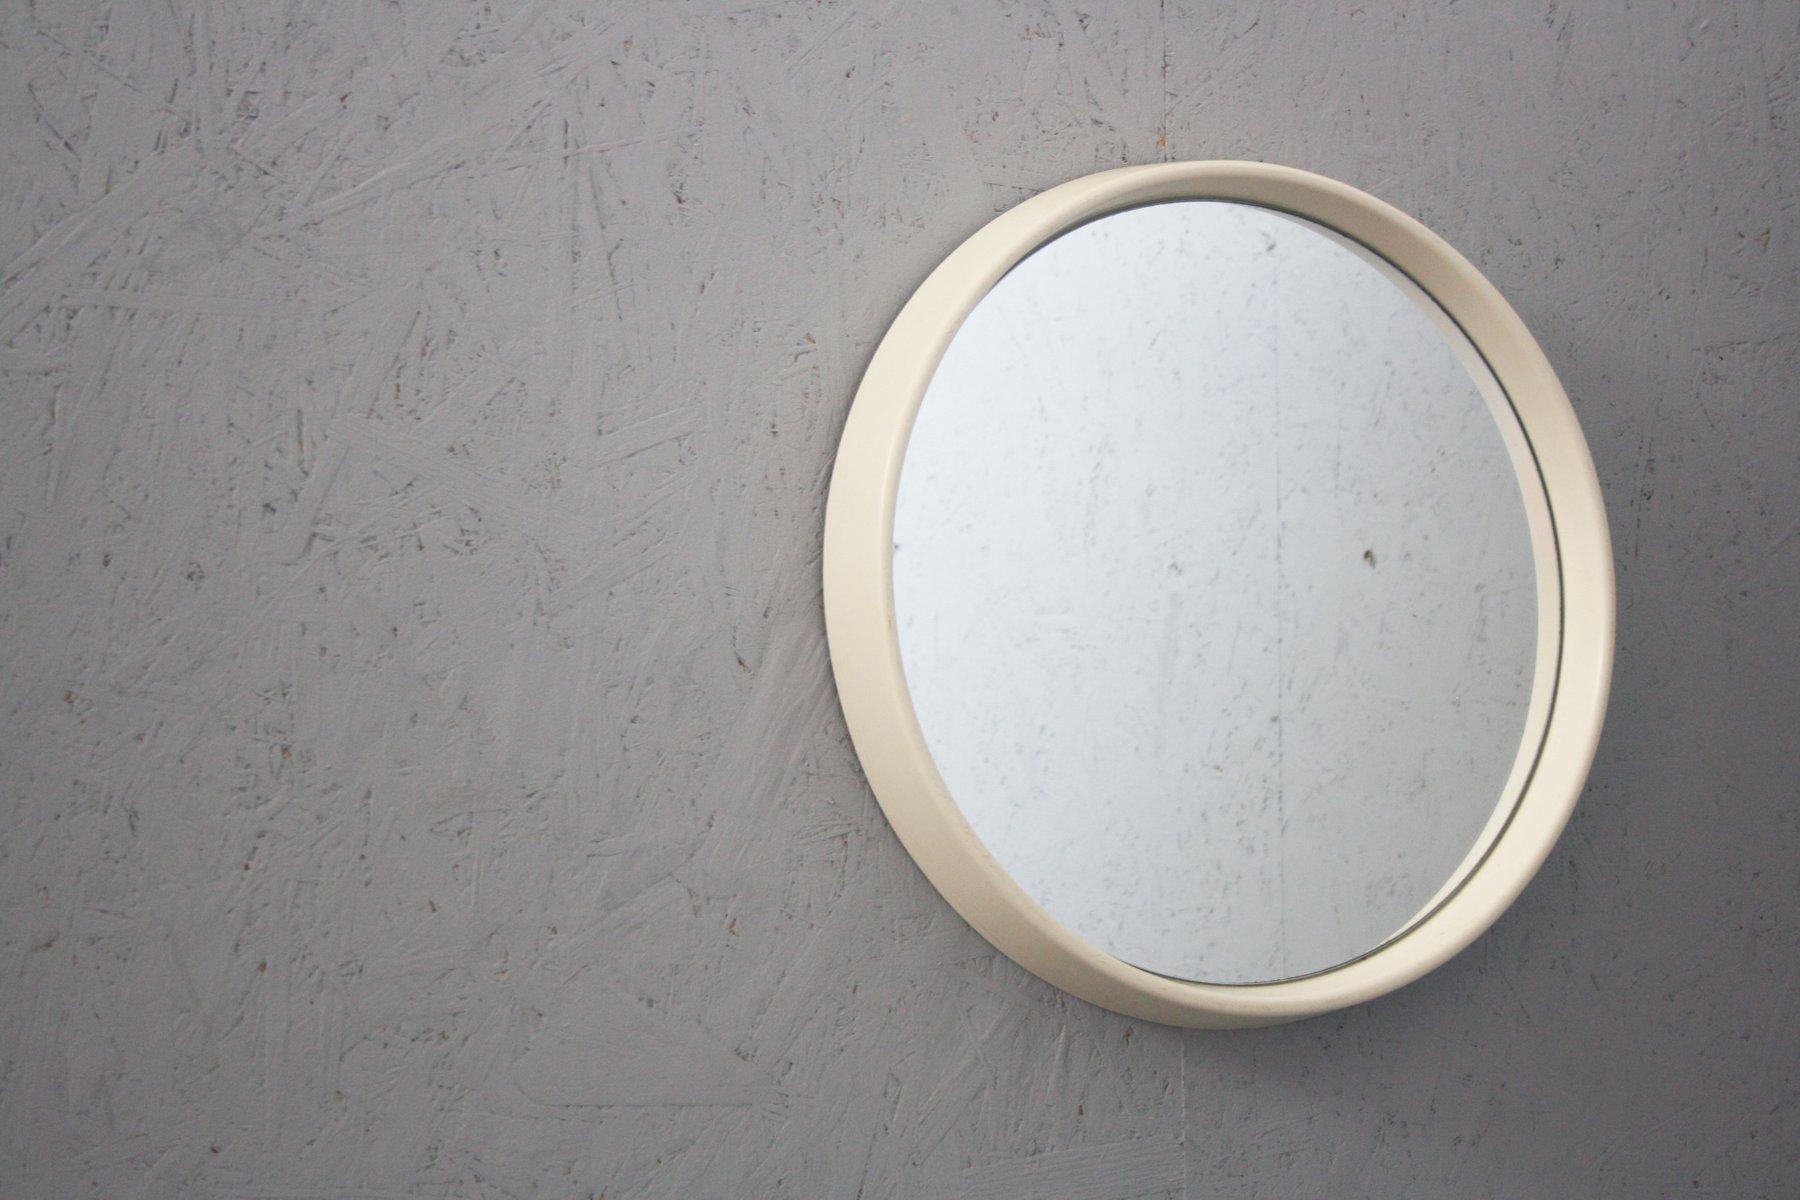 kleiner runder vintage spiegel mit rahmen aus kunststoff bei pamono kaufen. Black Bedroom Furniture Sets. Home Design Ideas